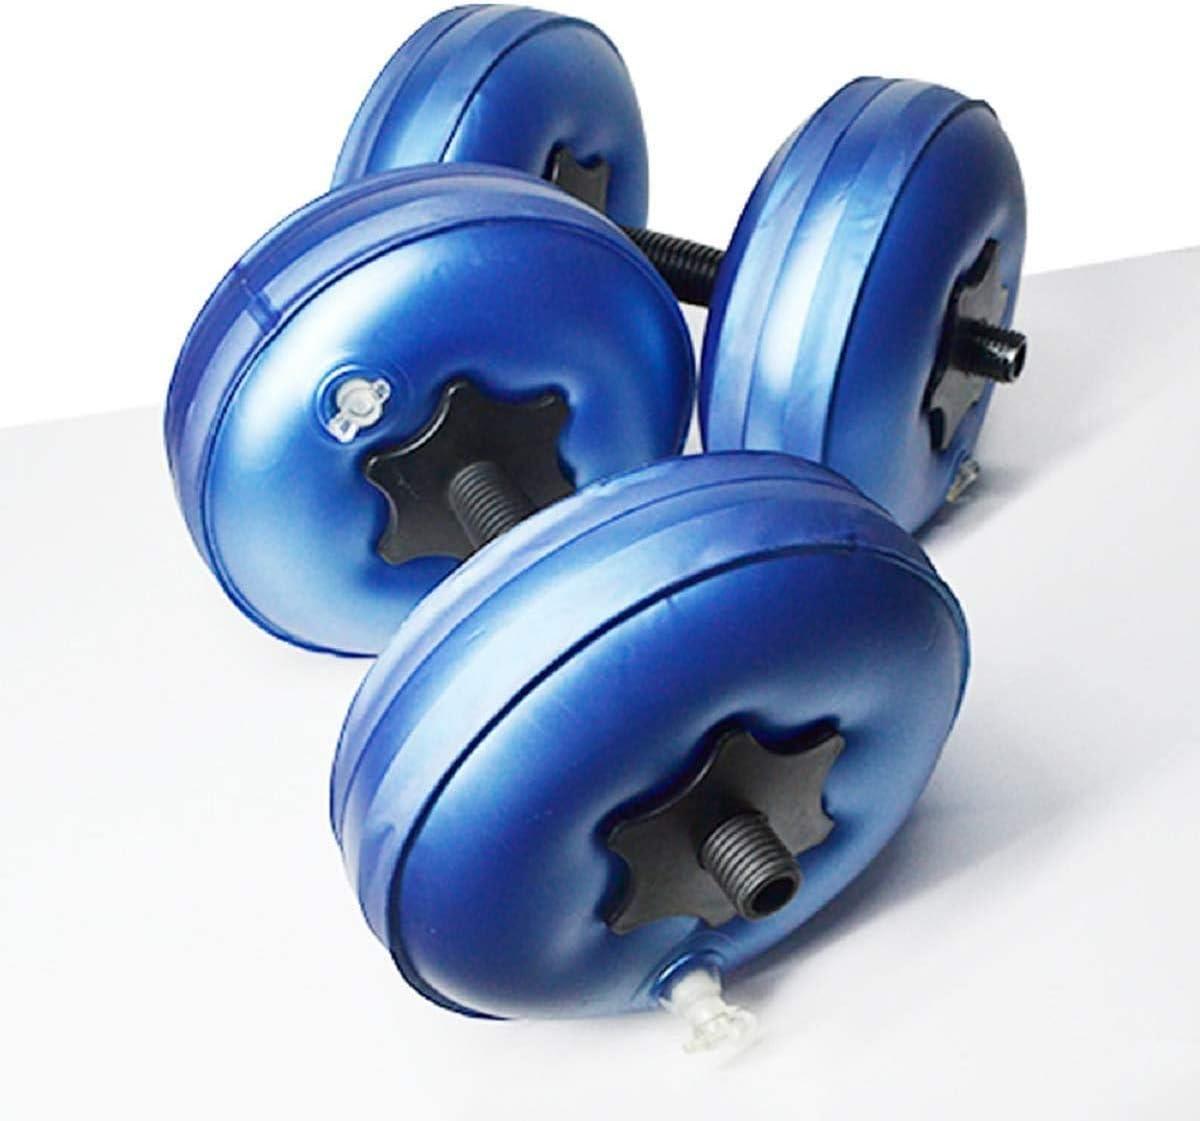 Aigend Juego de Mancuernas llenas de Agua,Portátiles y Ajustables para Equipos de Fitness 8-10 kg(Azul)